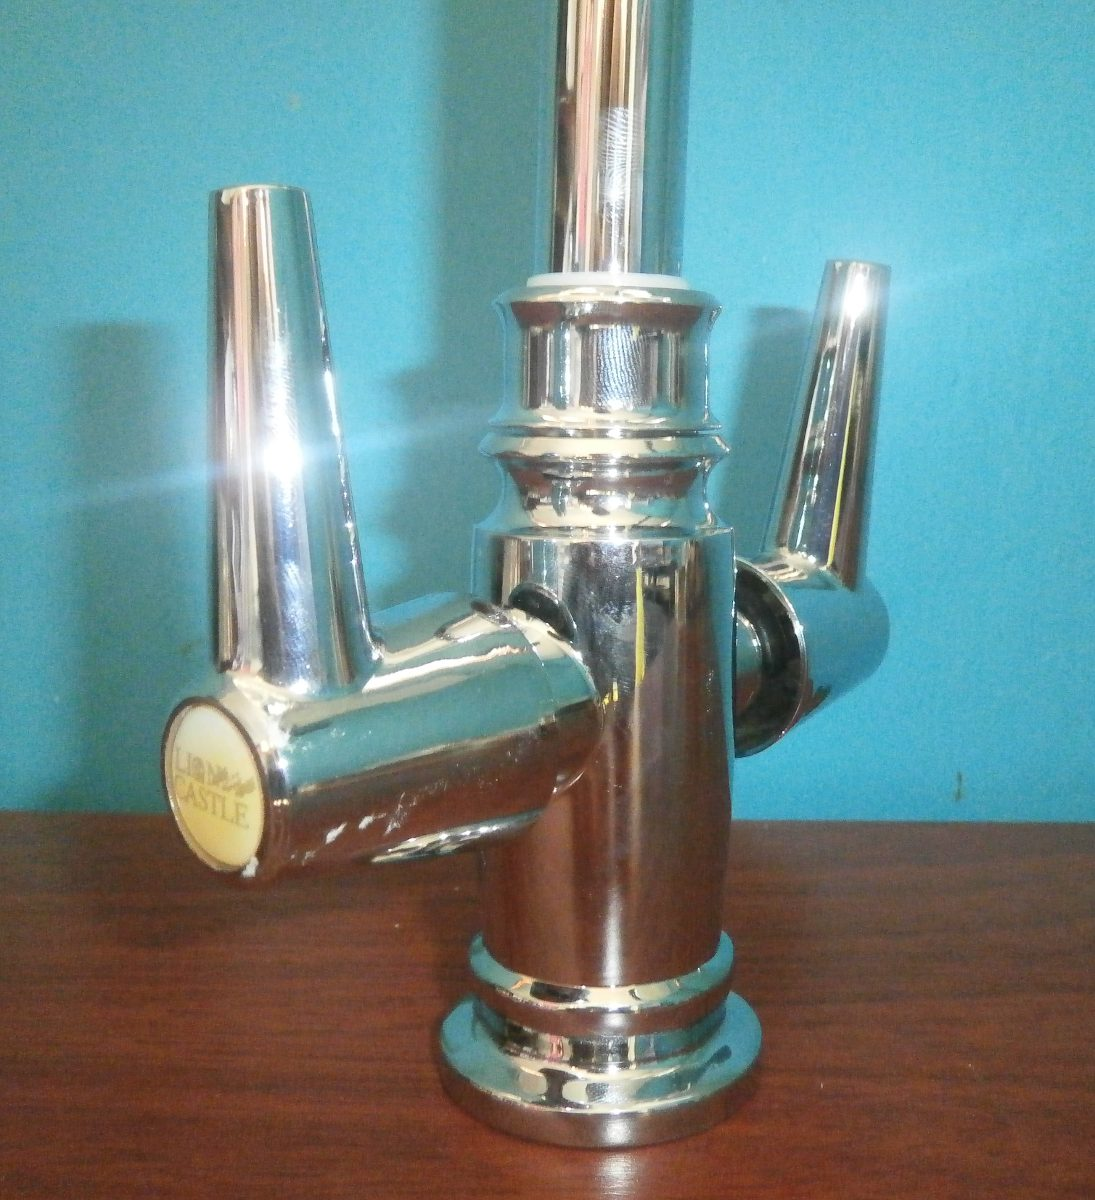 Griferia llave de lujo para fregadero lavaplatos nuevas - Griferia de lujo ...